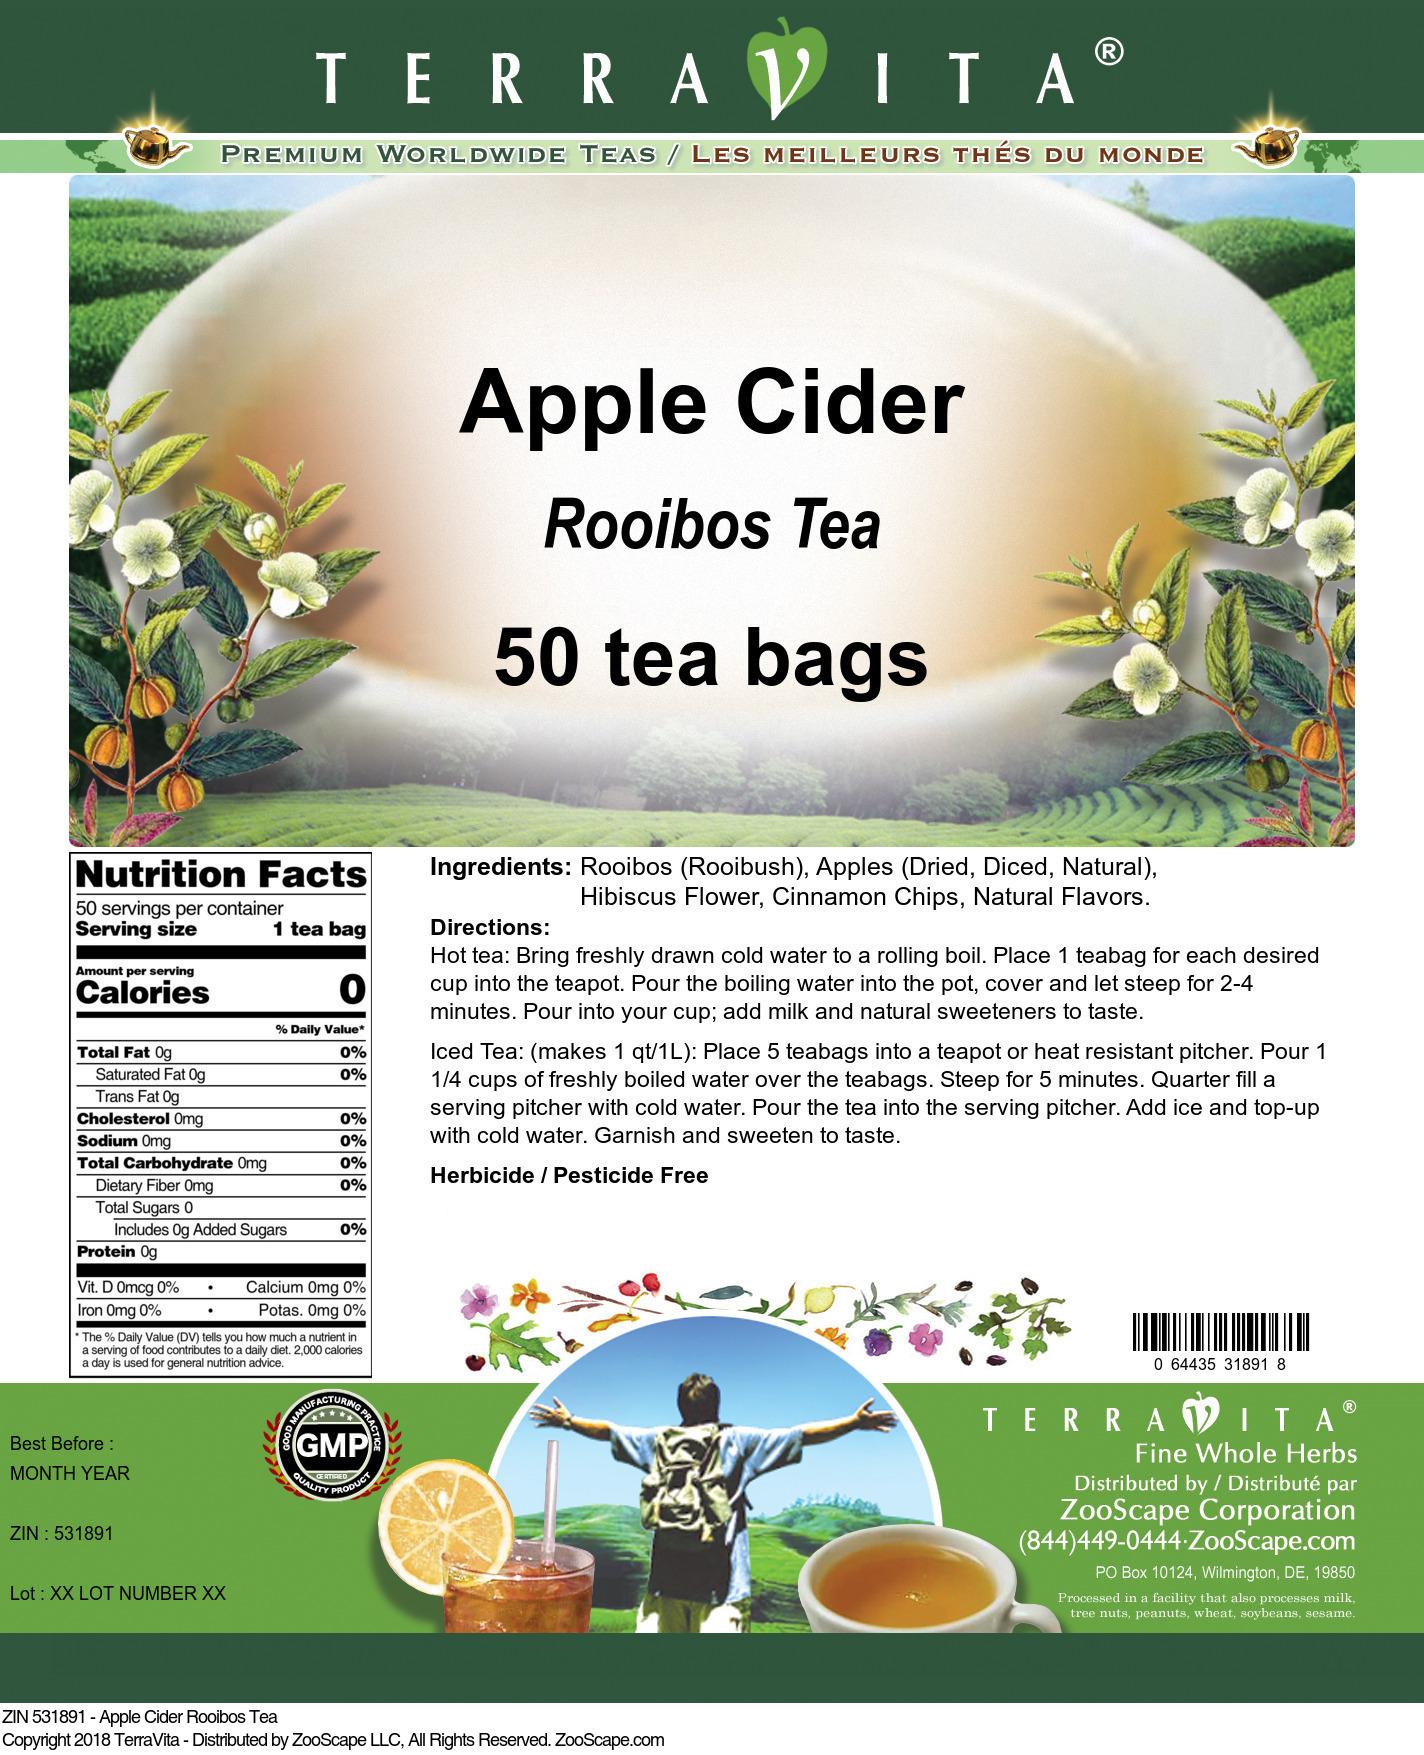 Apple Cider Rooibos Tea